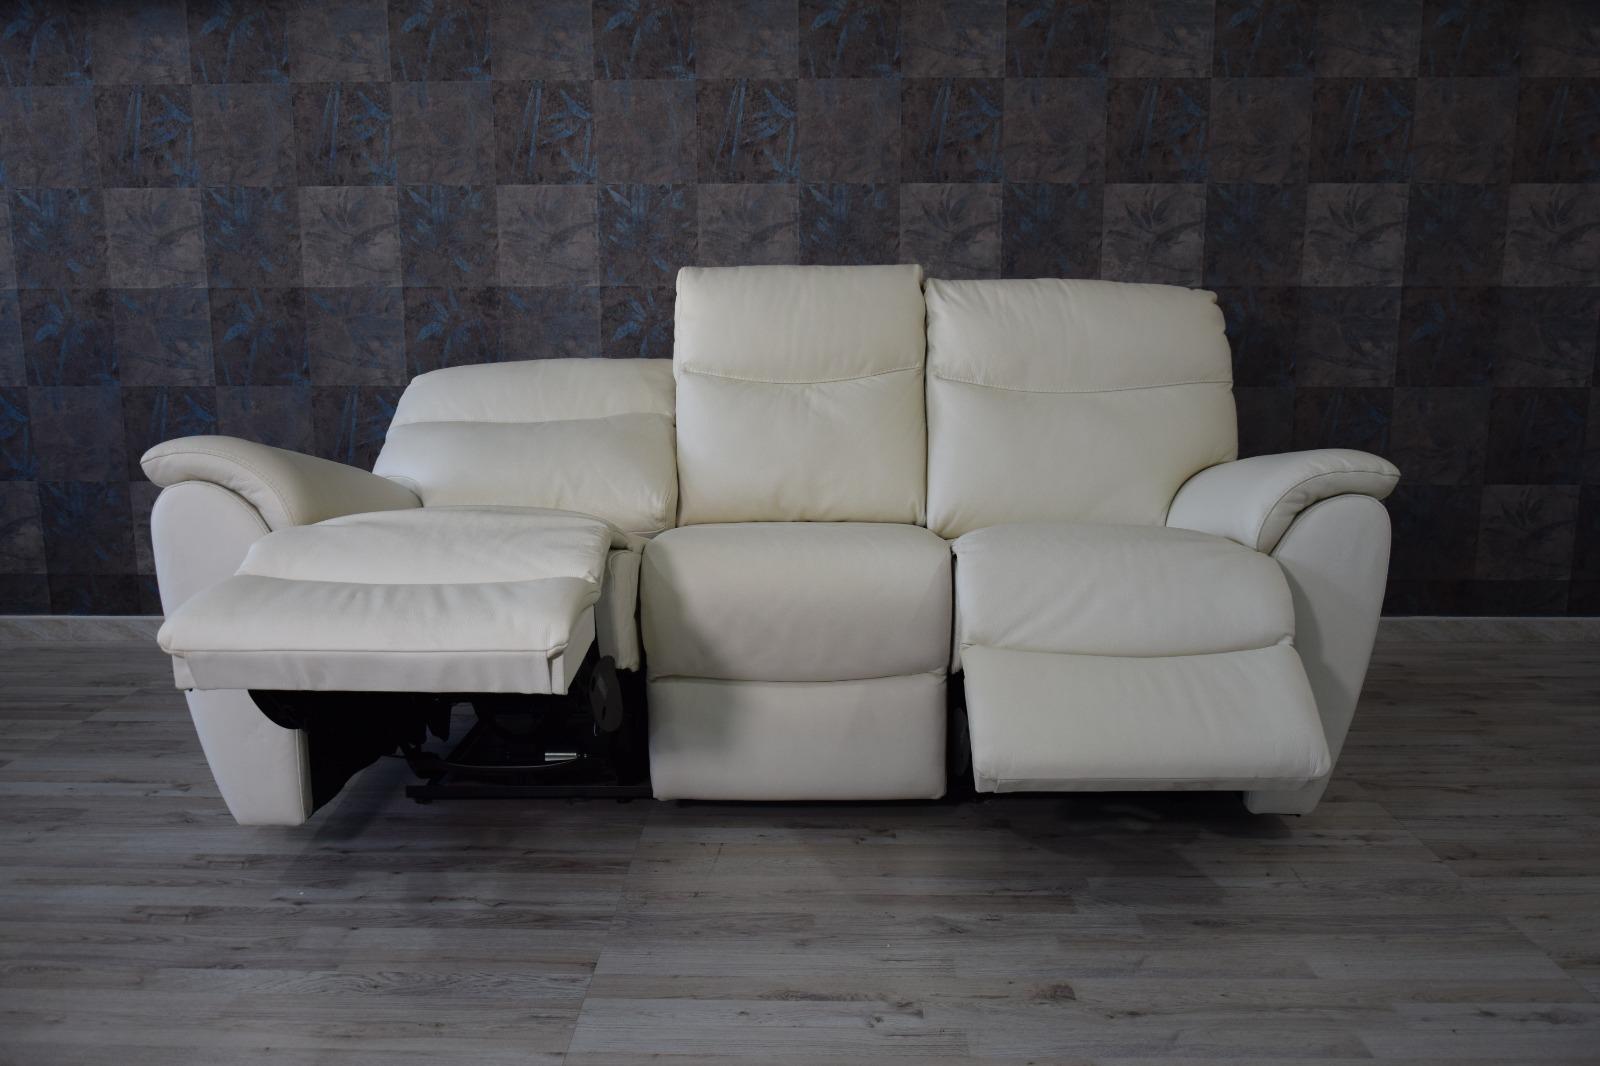 JAXON - Divano relax elettrico in pelle color avorio a 3 posti di cui 2 con meccanismi recliner